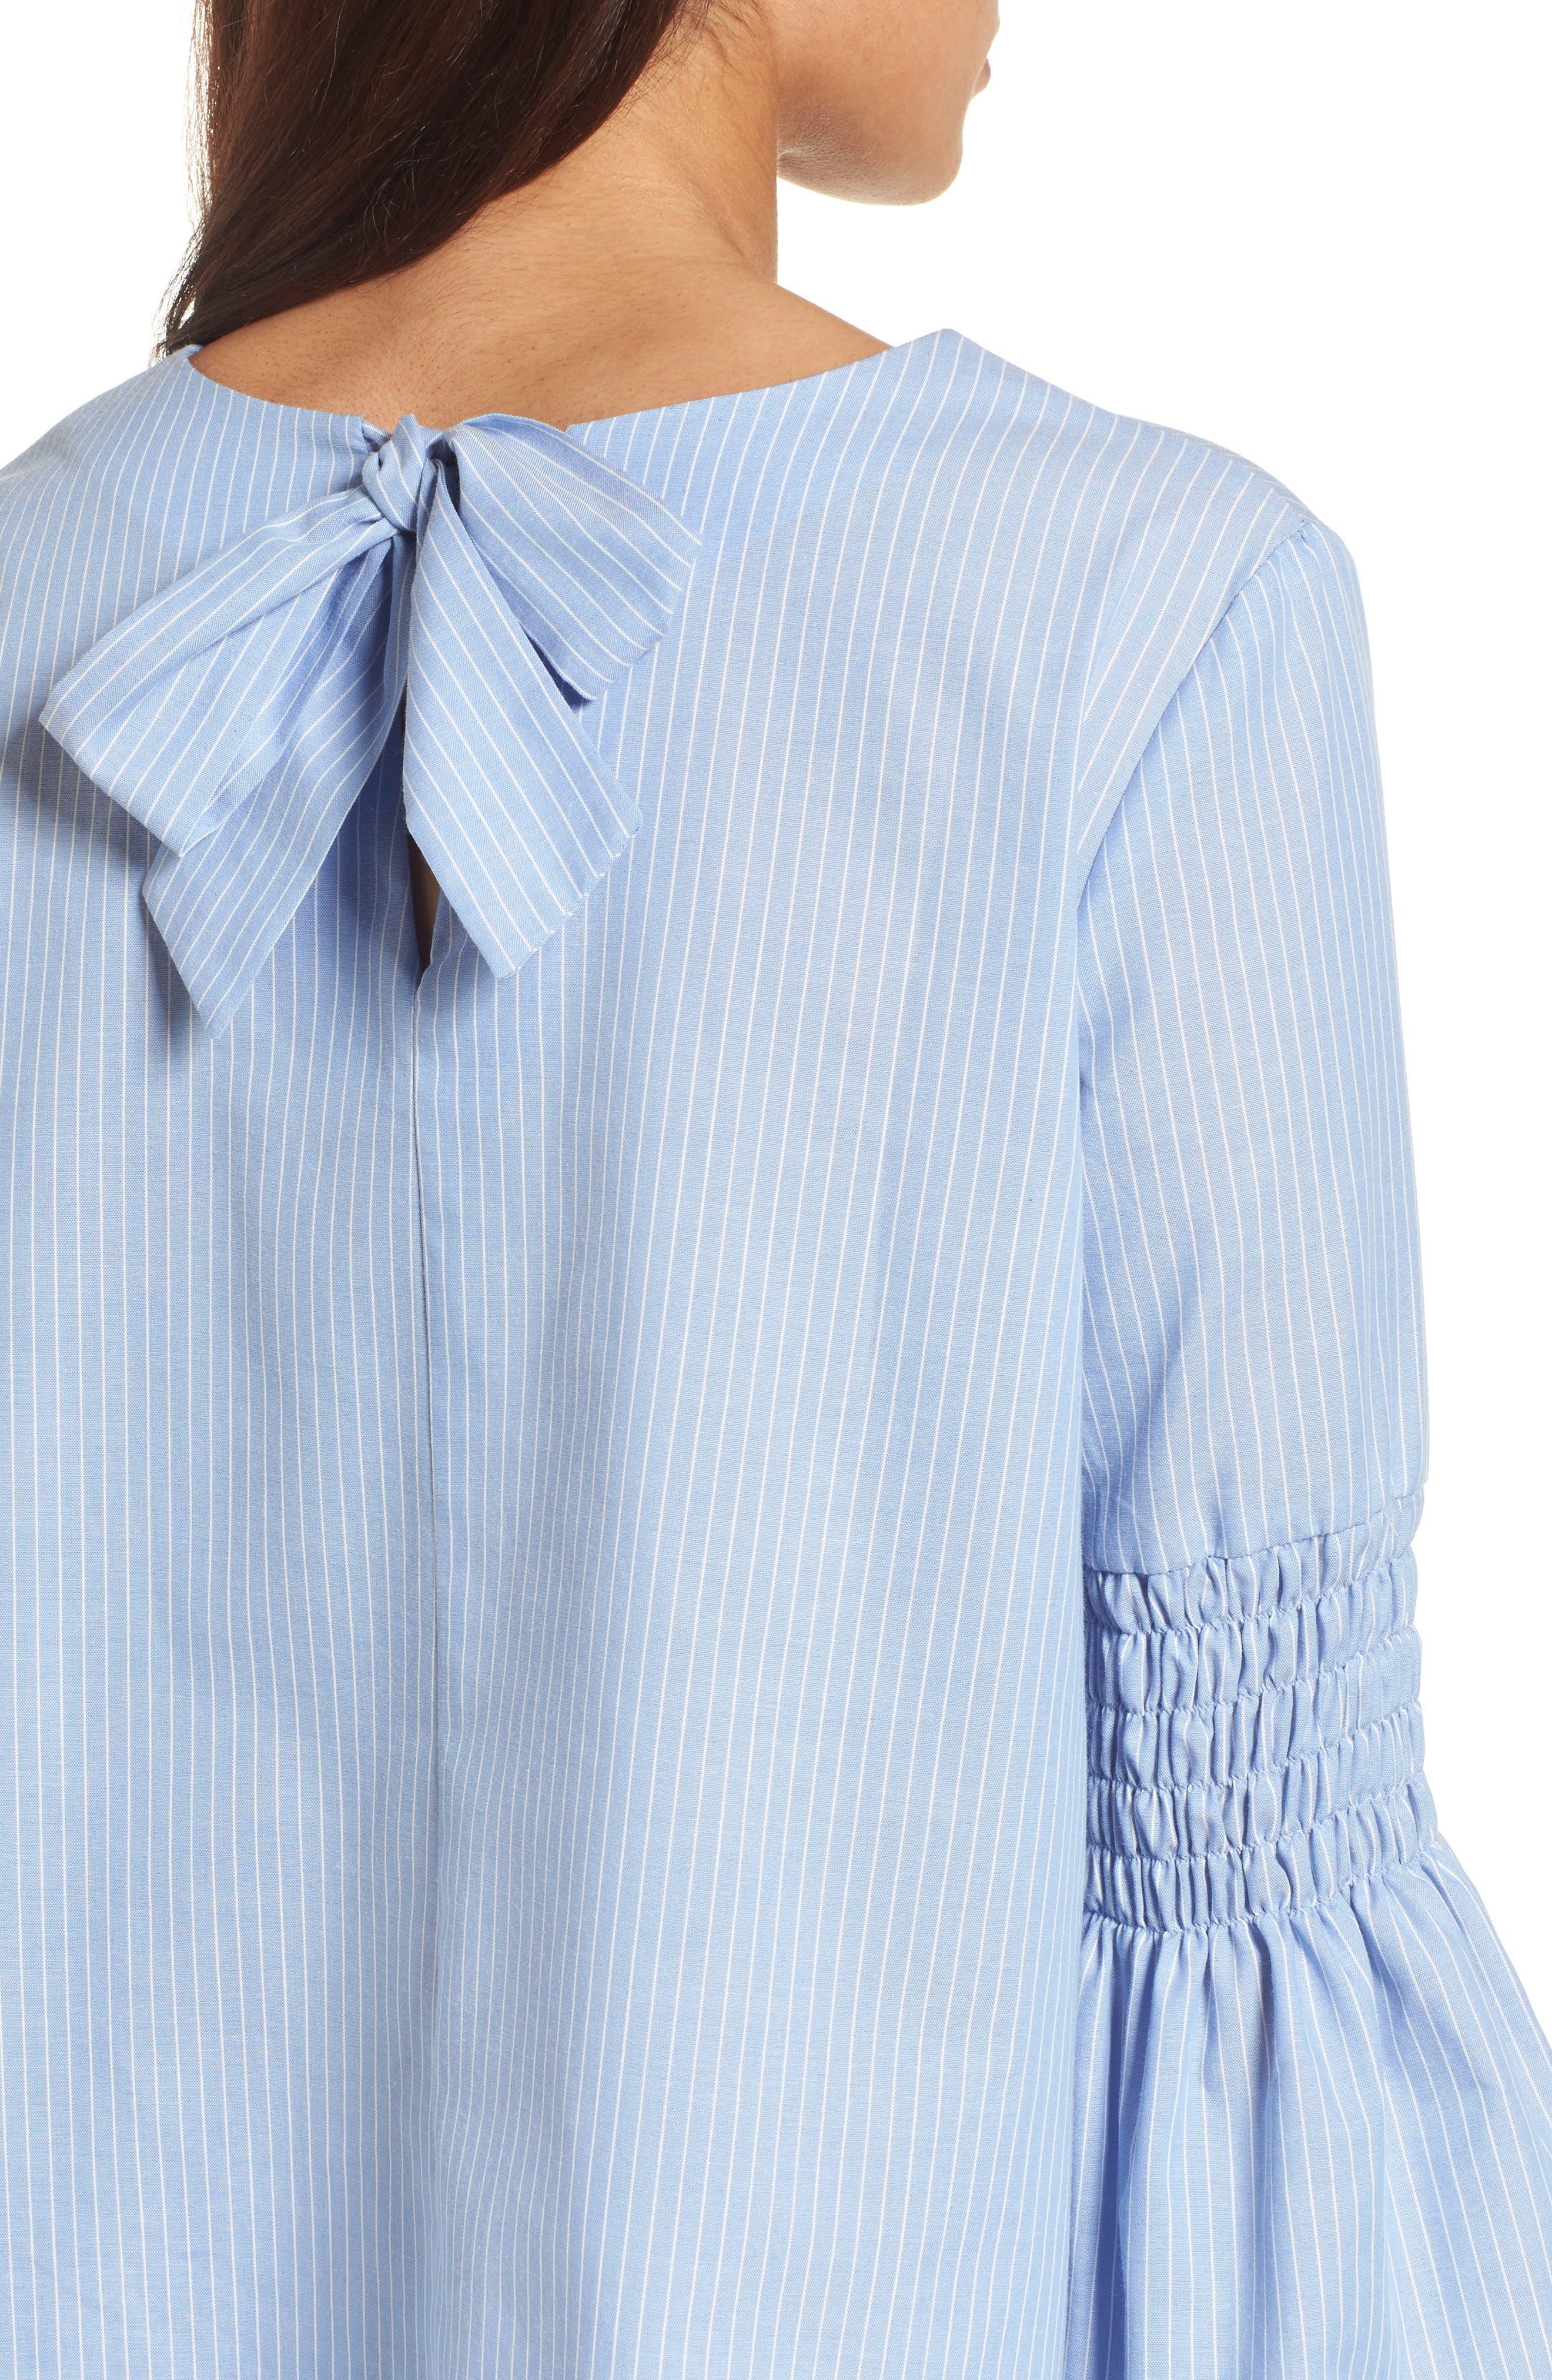 Bow Back Bell Sleeve Top,                             Alternate thumbnail 4, color,                             Light Blue- White Stripe